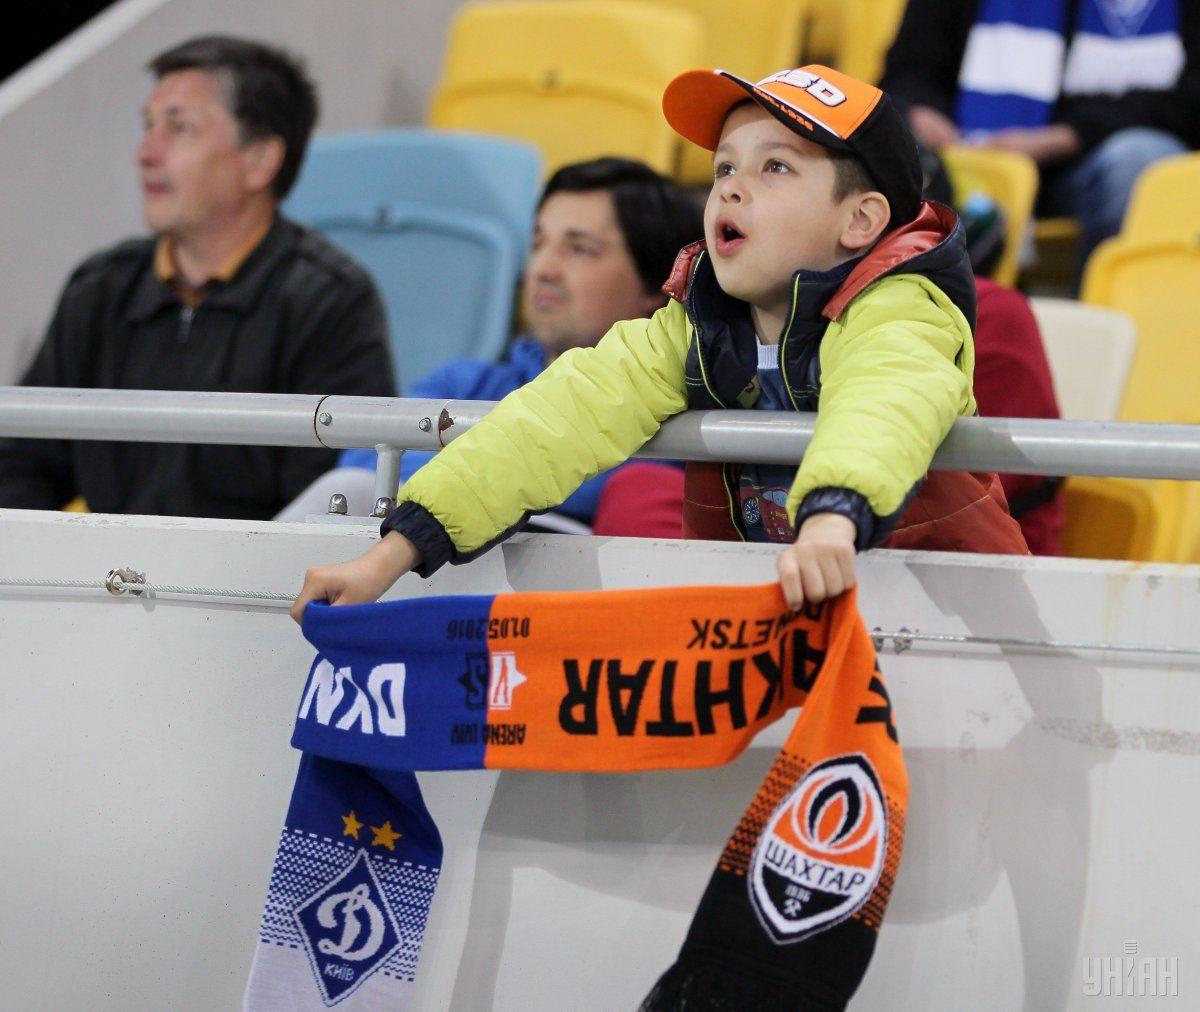 Маленький болельщик на матче